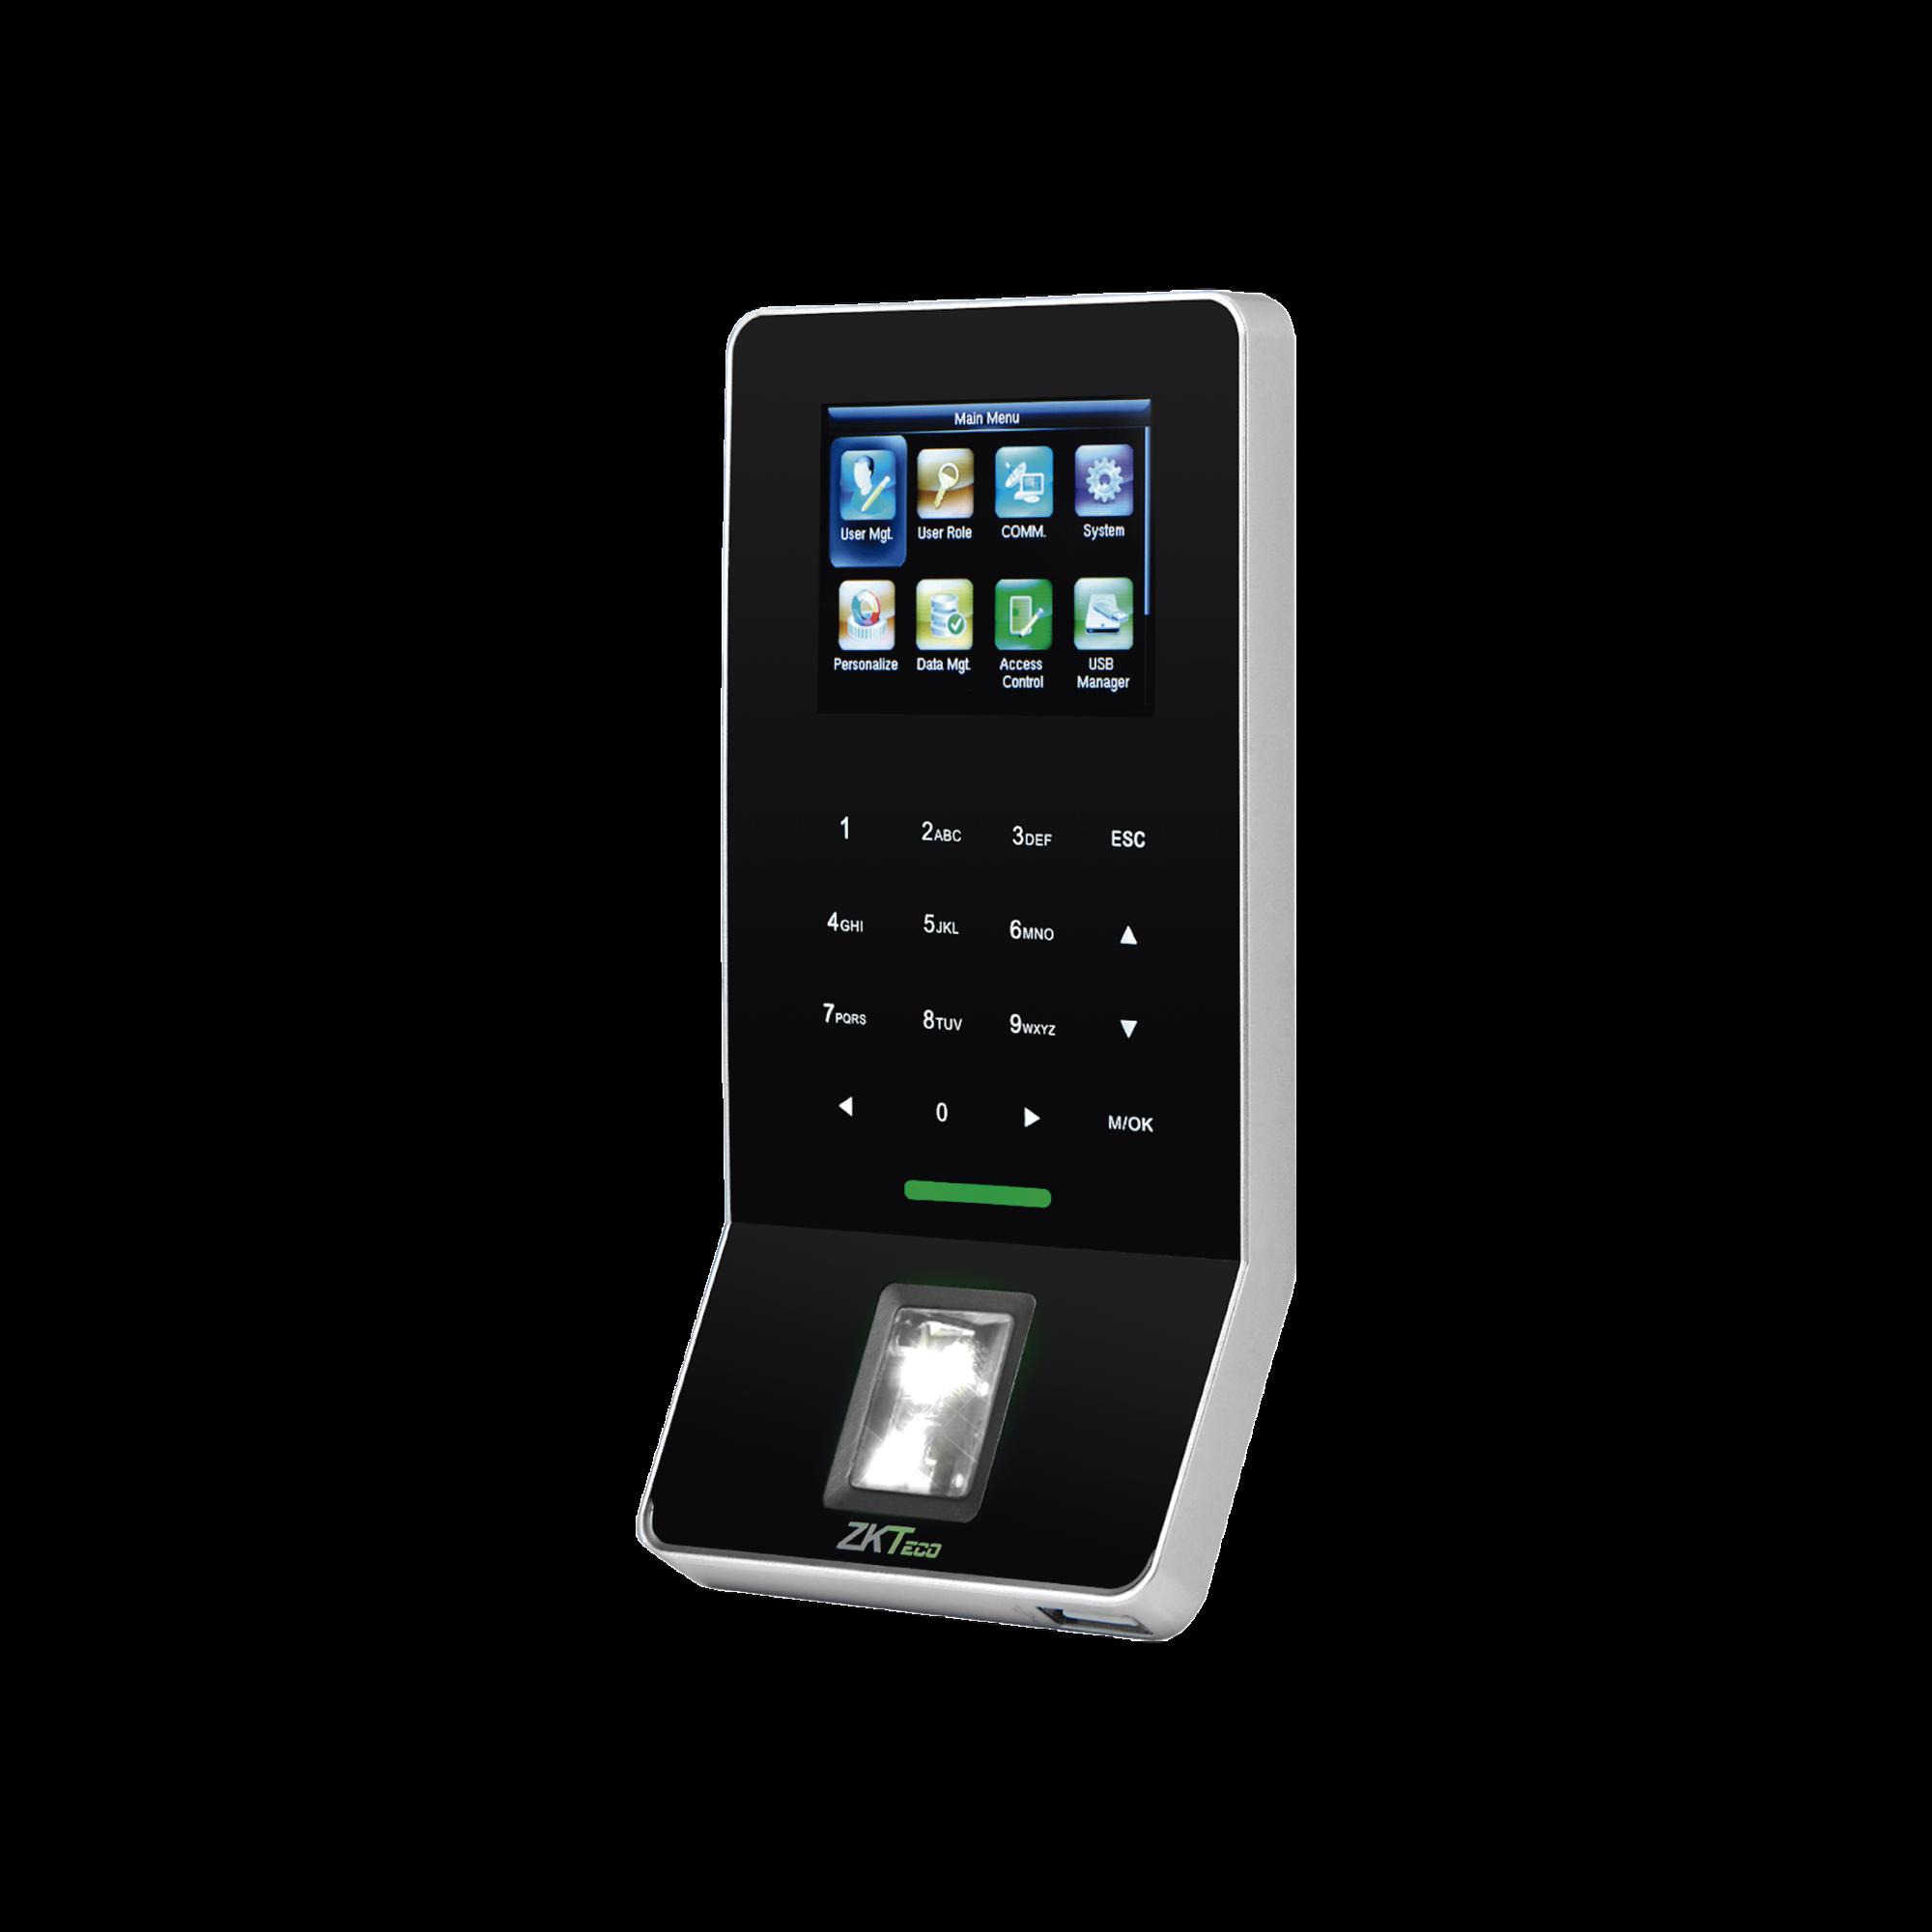 Lector Biométrico de Huella / PROXIMIDAD / SILKID  / 3000 Usuarios / ADMS Gratis / WiFi / Teclado táctil / Estético / Soporta DDNS con BIOTIME 7